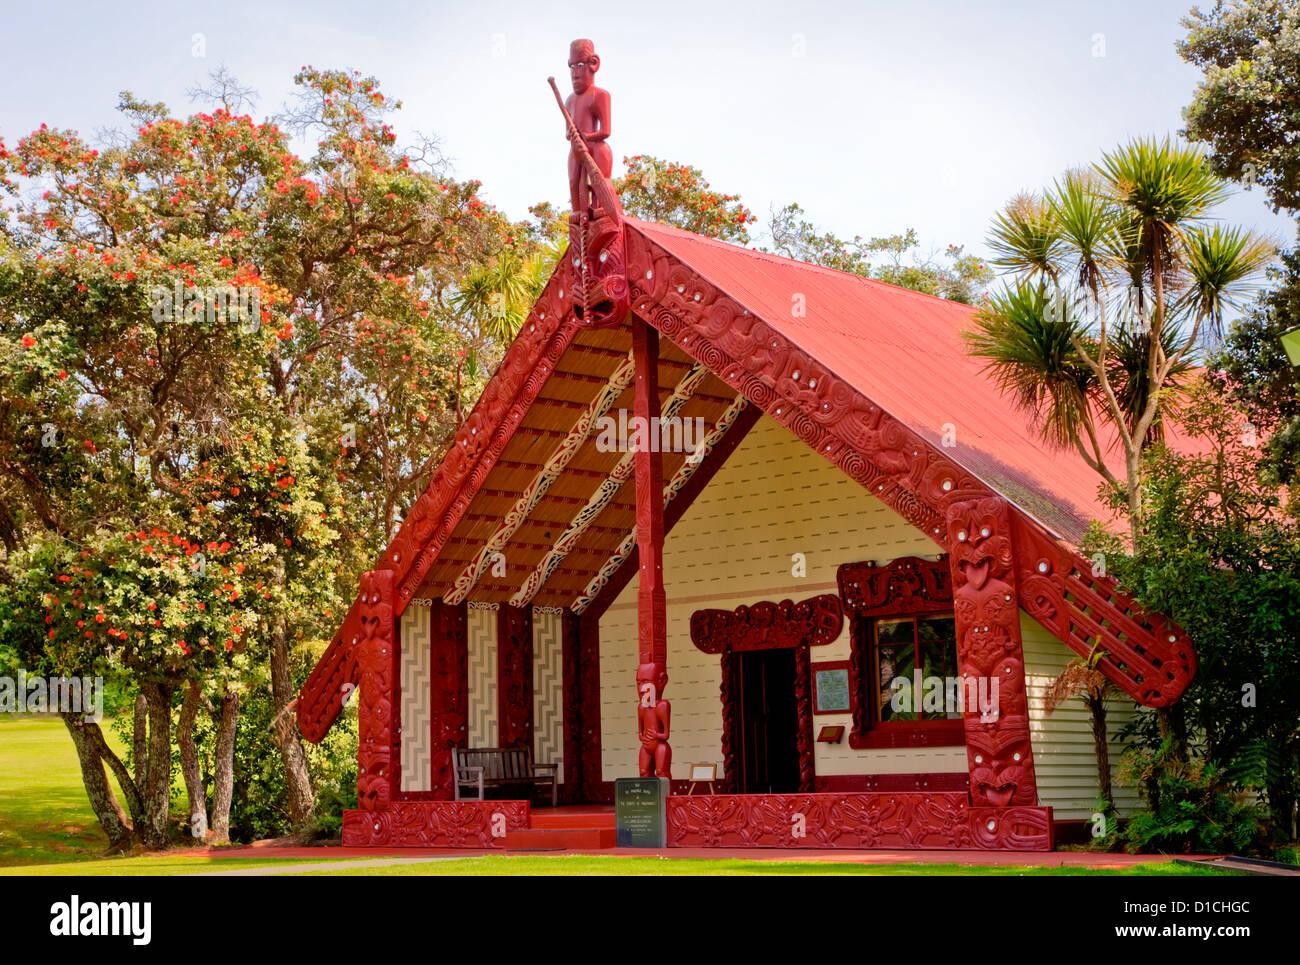 Te Whare Runanga (Maori Meeting House), Waitangi Treaty Grounds, north island, Paihia, New Zealand. - Stock Image